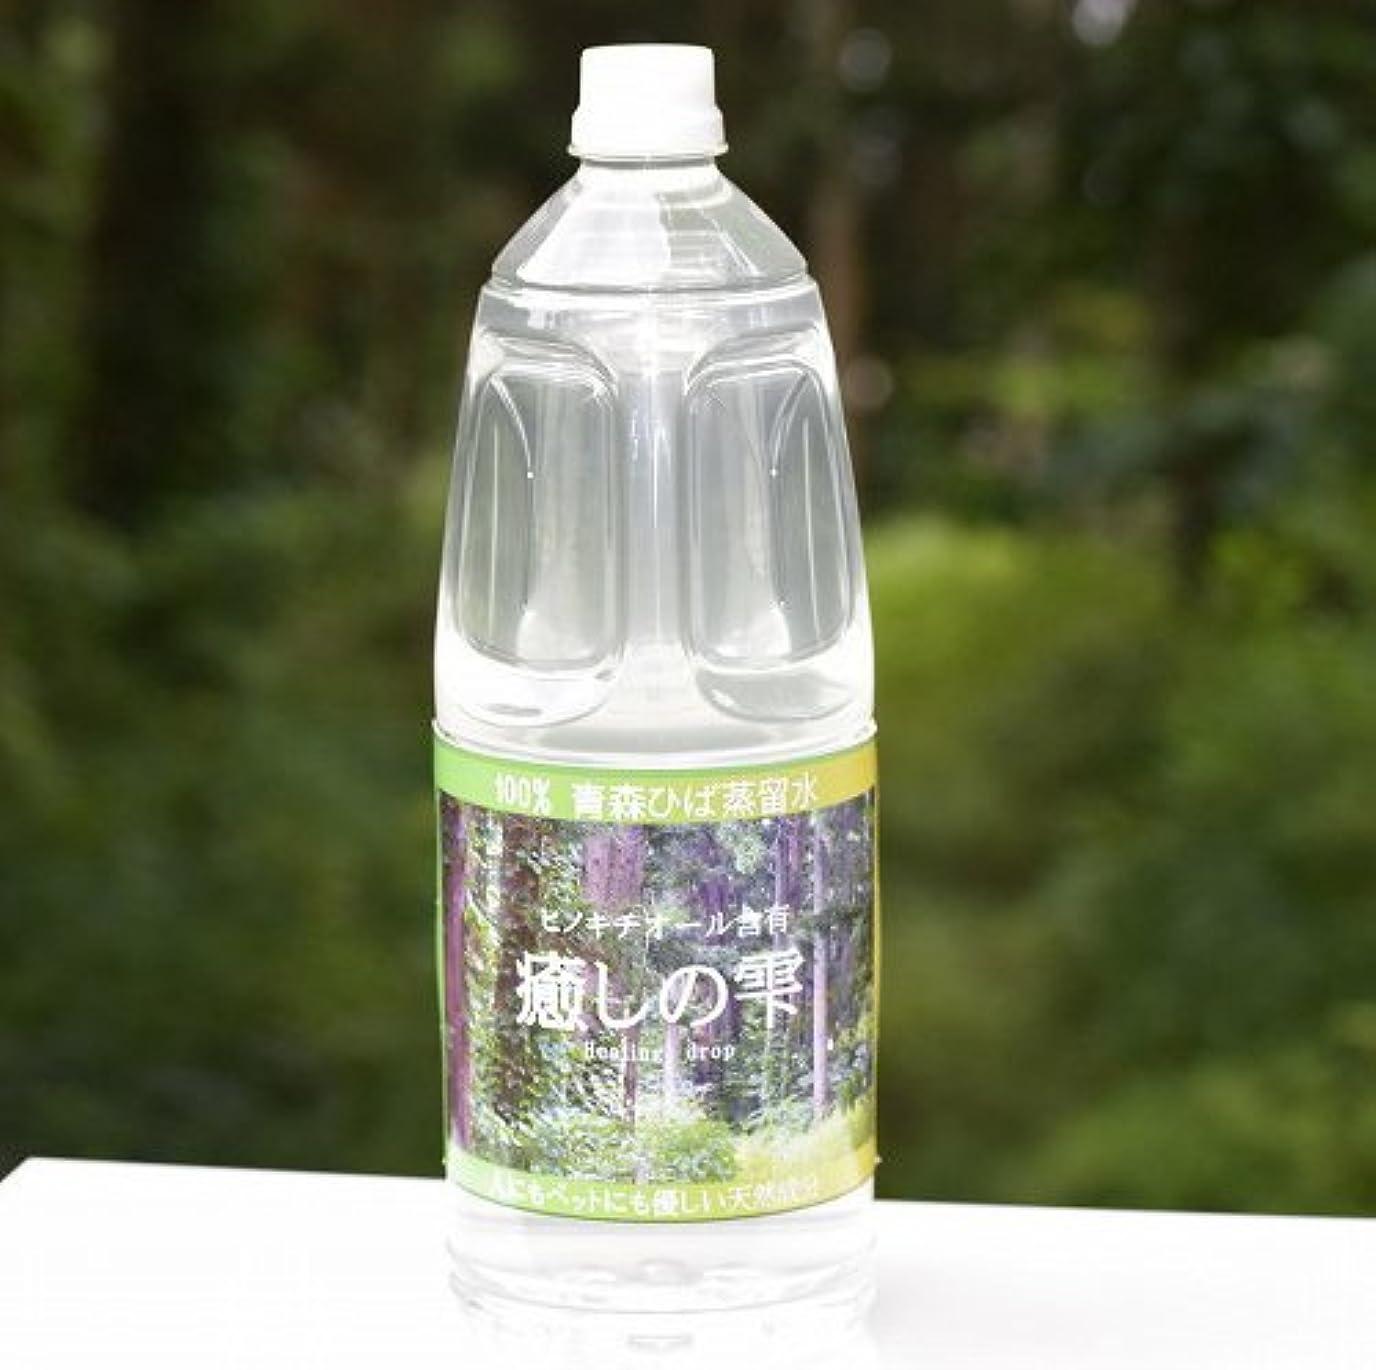 聴衆エンディングピンポイント青森ひば 天然ヒバ水 癒しの雫 蒸留水 送料無料 1.8L×3本